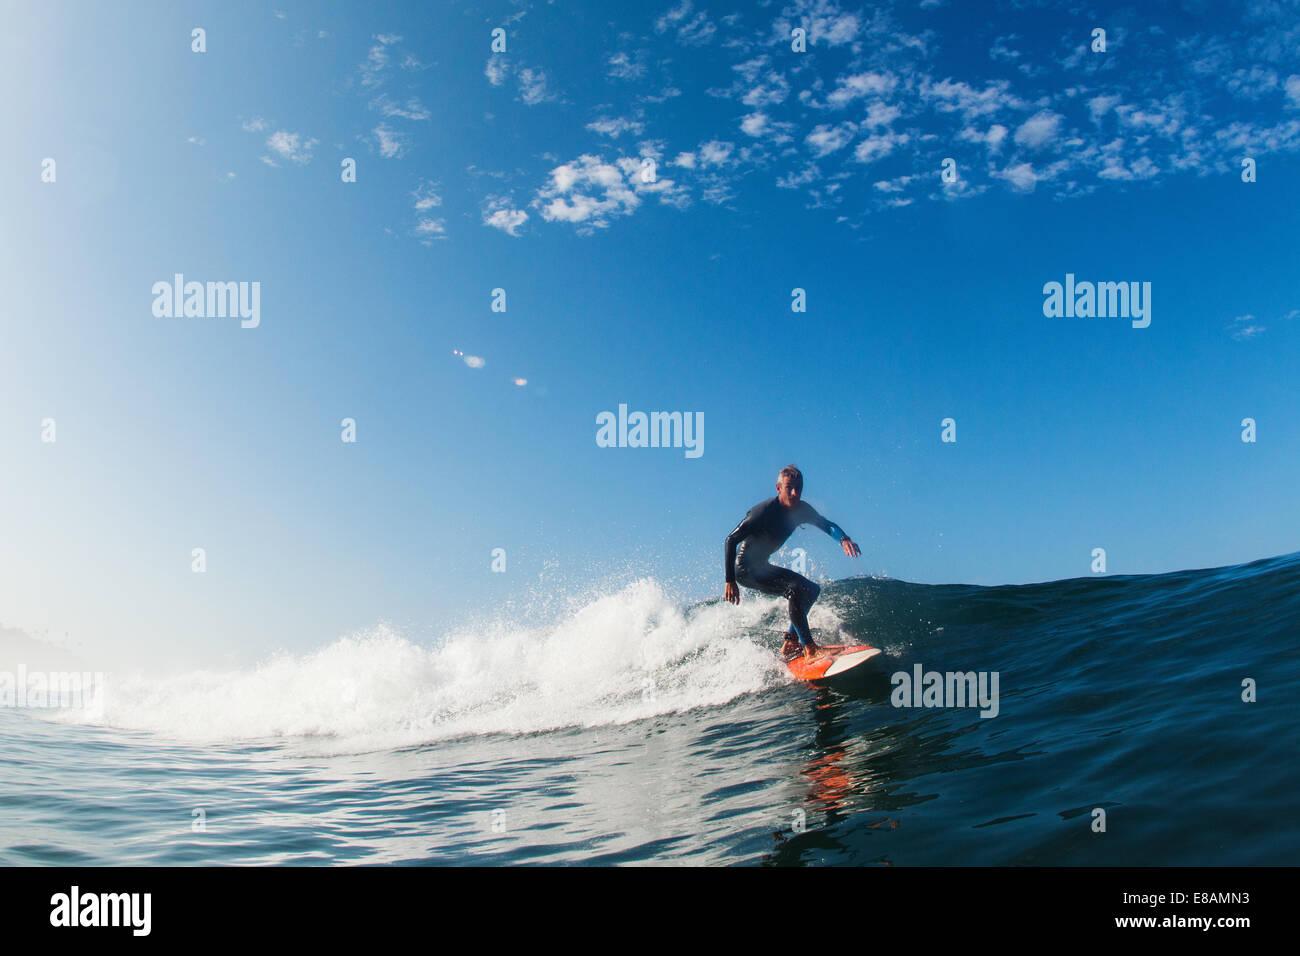 Metà uomo adulto onda Surf, Leucadia, CALIFORNIA, STATI UNITI D'AMERICA Immagini Stock